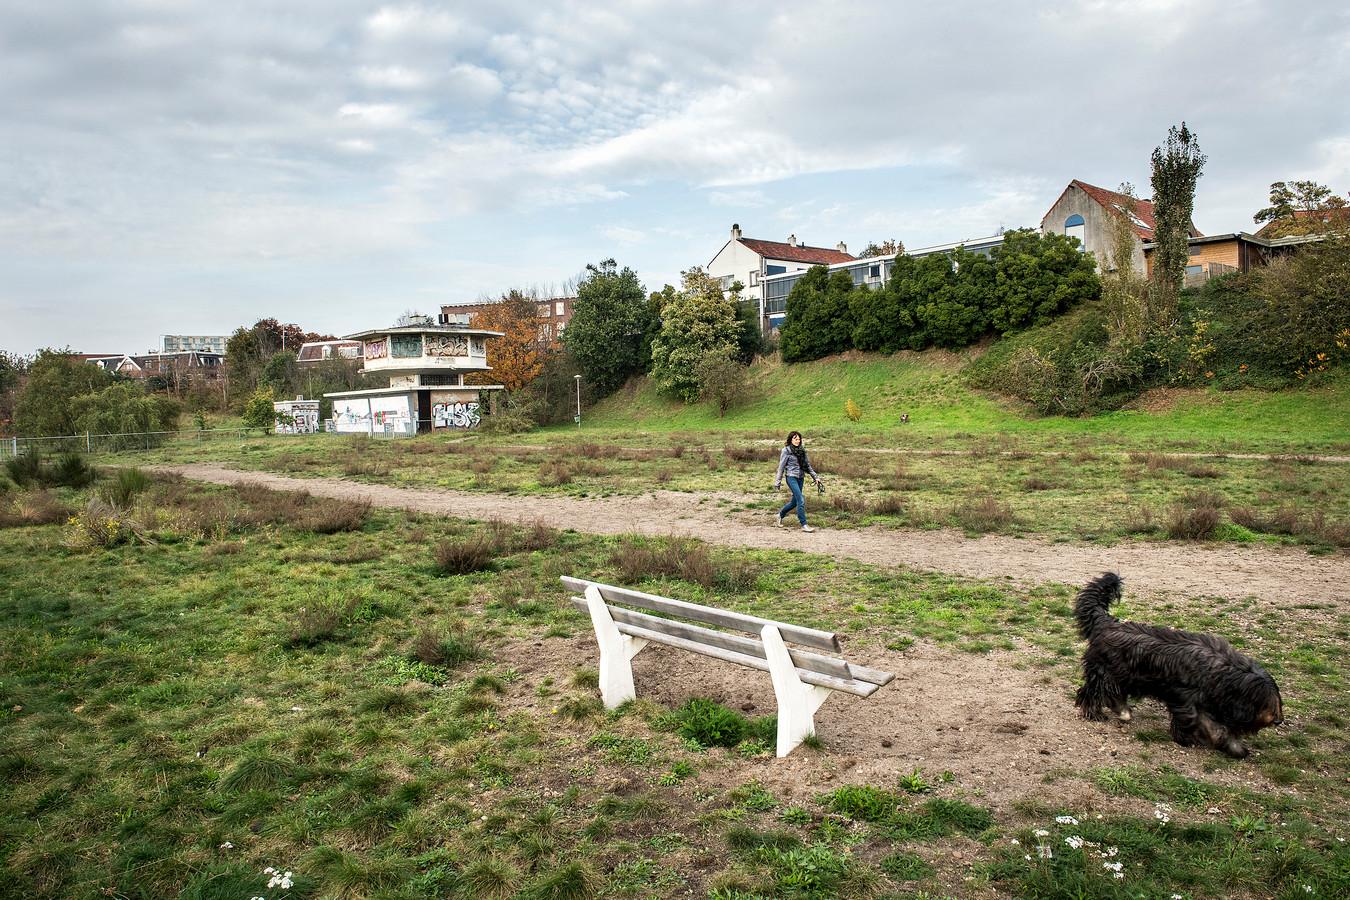 De Spoorkuil bij de Nijmeegse wijk Bottendaal. Met het seinhuisje en de zeldzame wilde averuit.